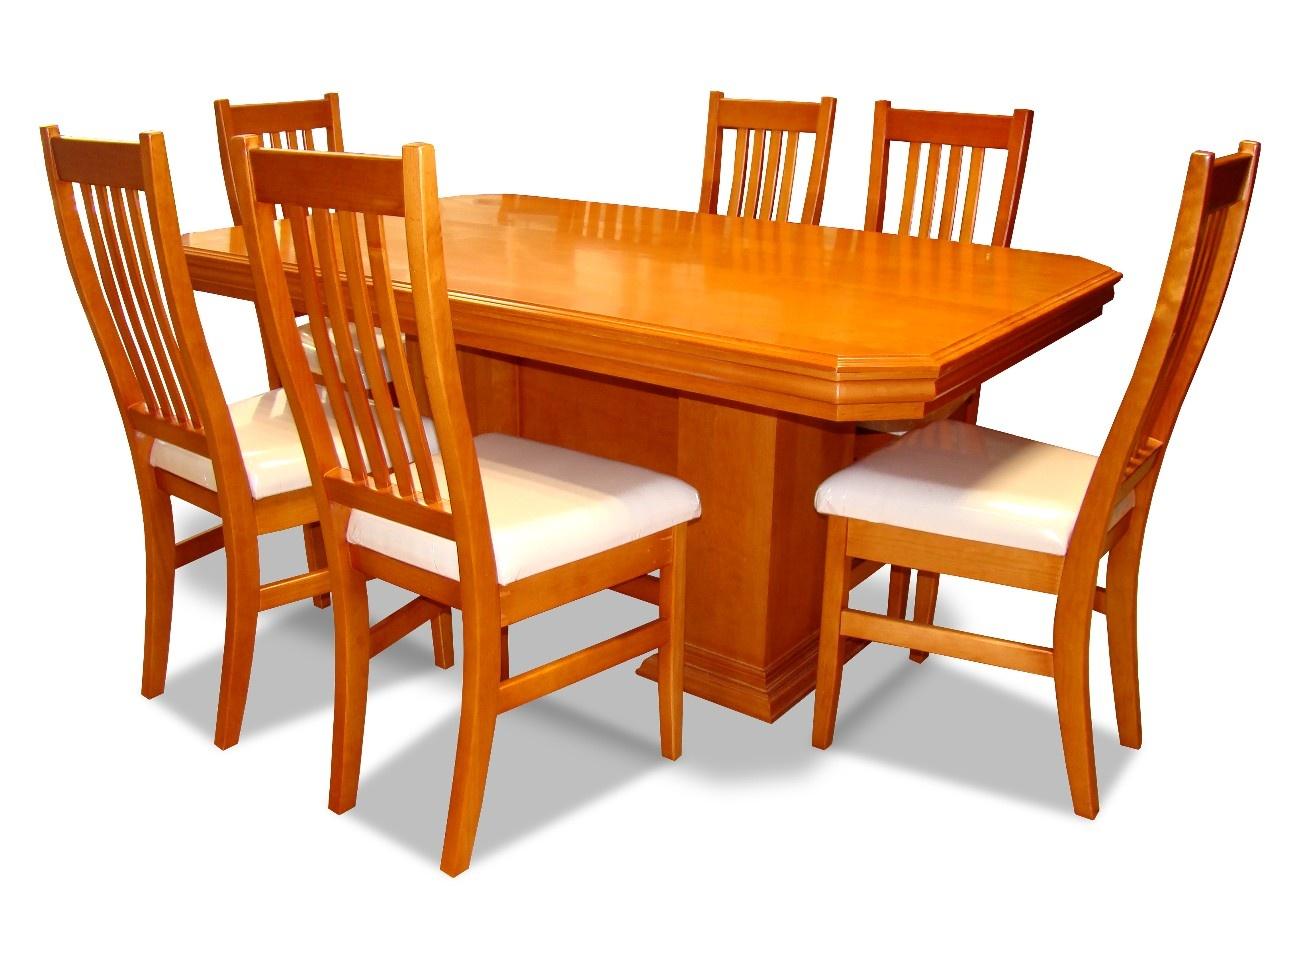 Tip muebles muebleria en oaxaca muebles en oaxaca for Comedores de madera nuevos